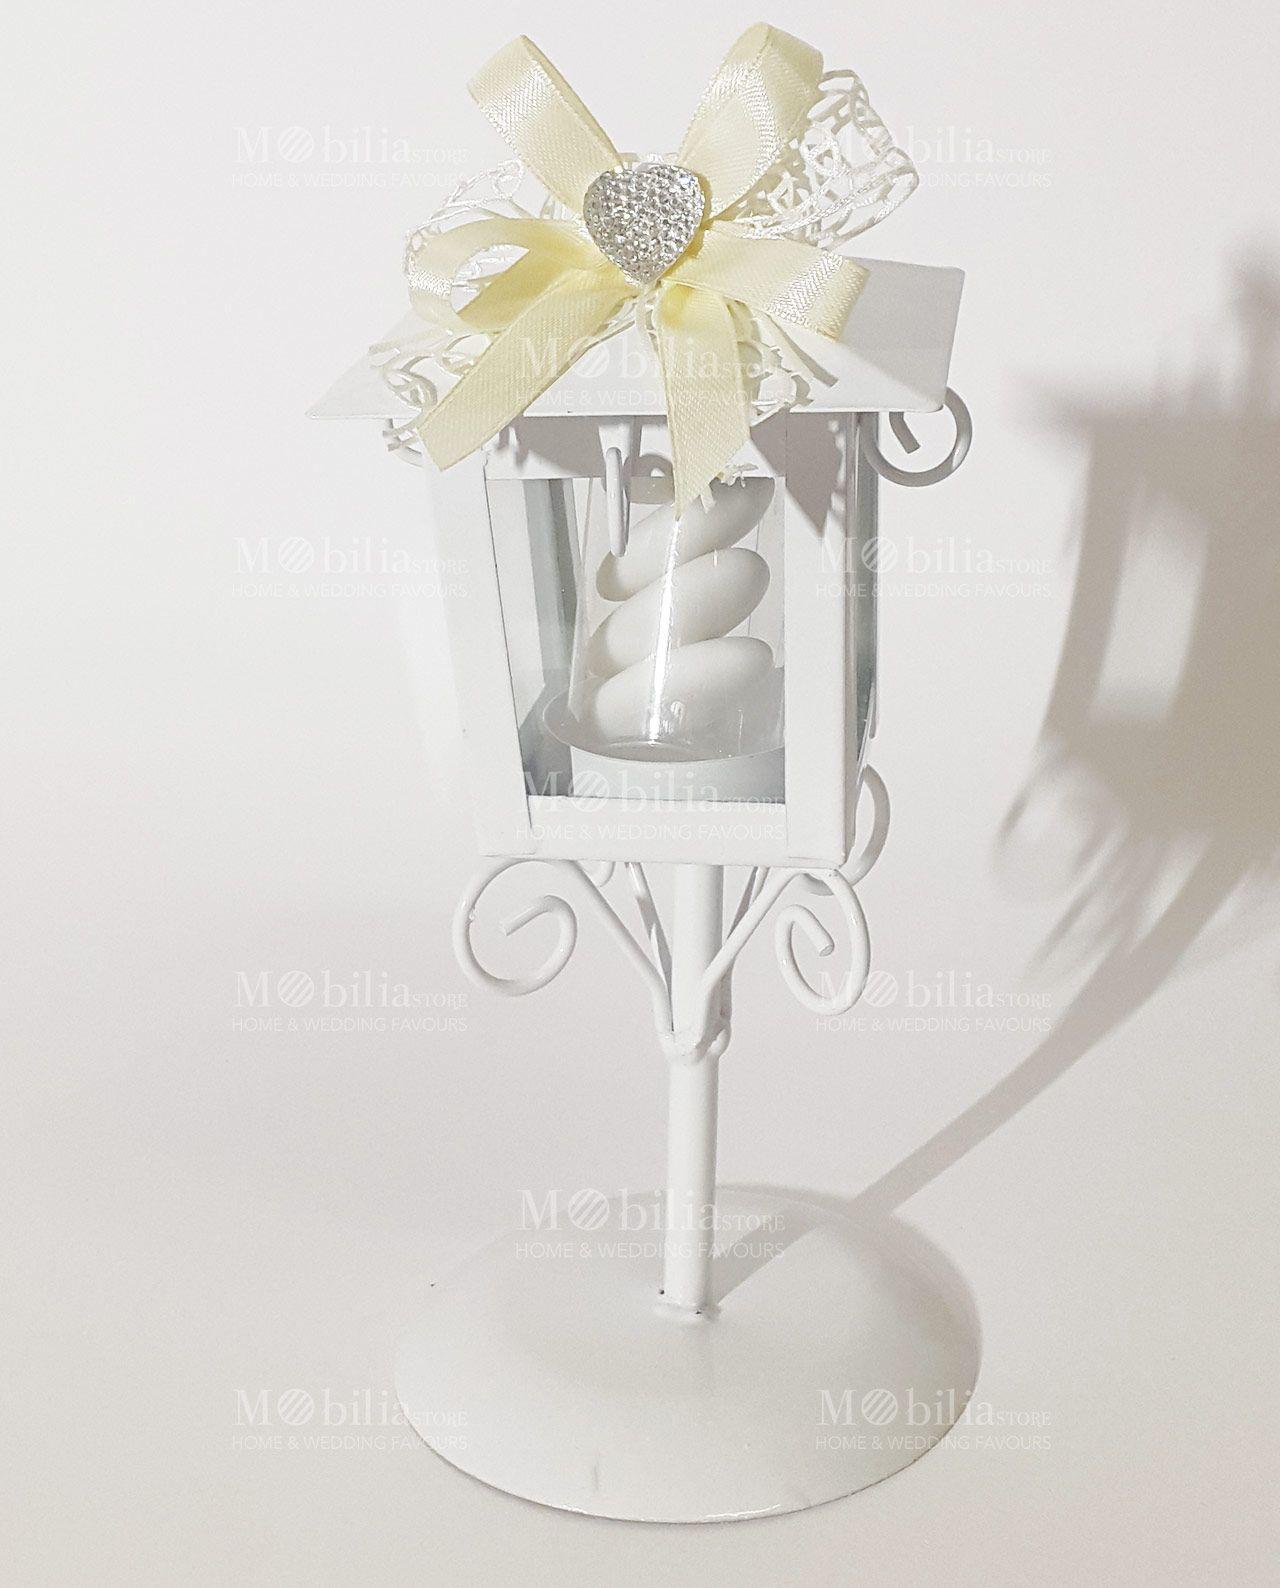 Bomboniere Matrimonio Lanterna Lampione Con Cuore Di Un Meraviglioso Color Bianco In Vetro E Metallo Intagliato Confezion Place Card Holders Place Cards Cards